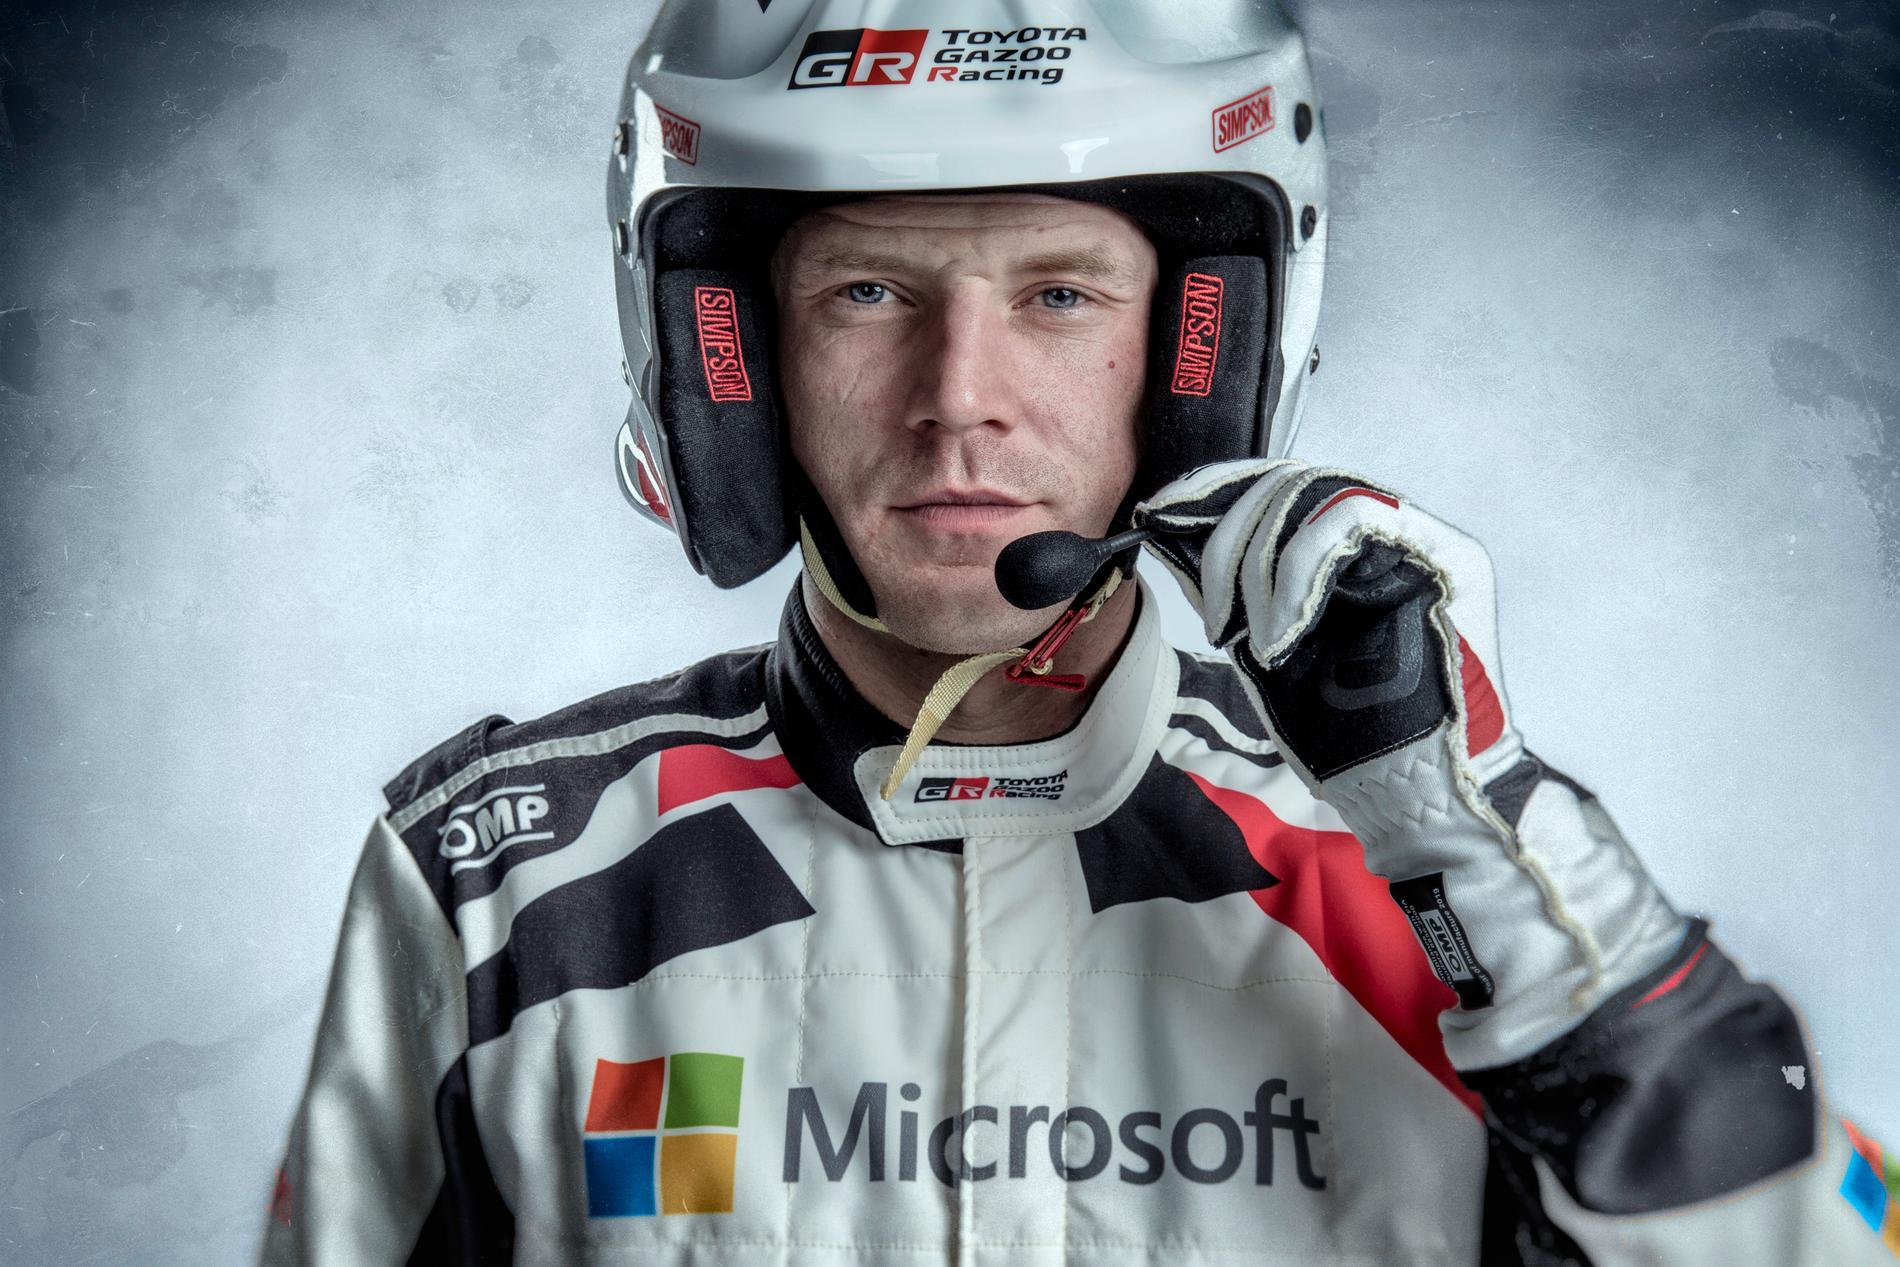 Jari Matti Latvala historisk i Rally Sweden, kör sitt 197:e VM-lopp.